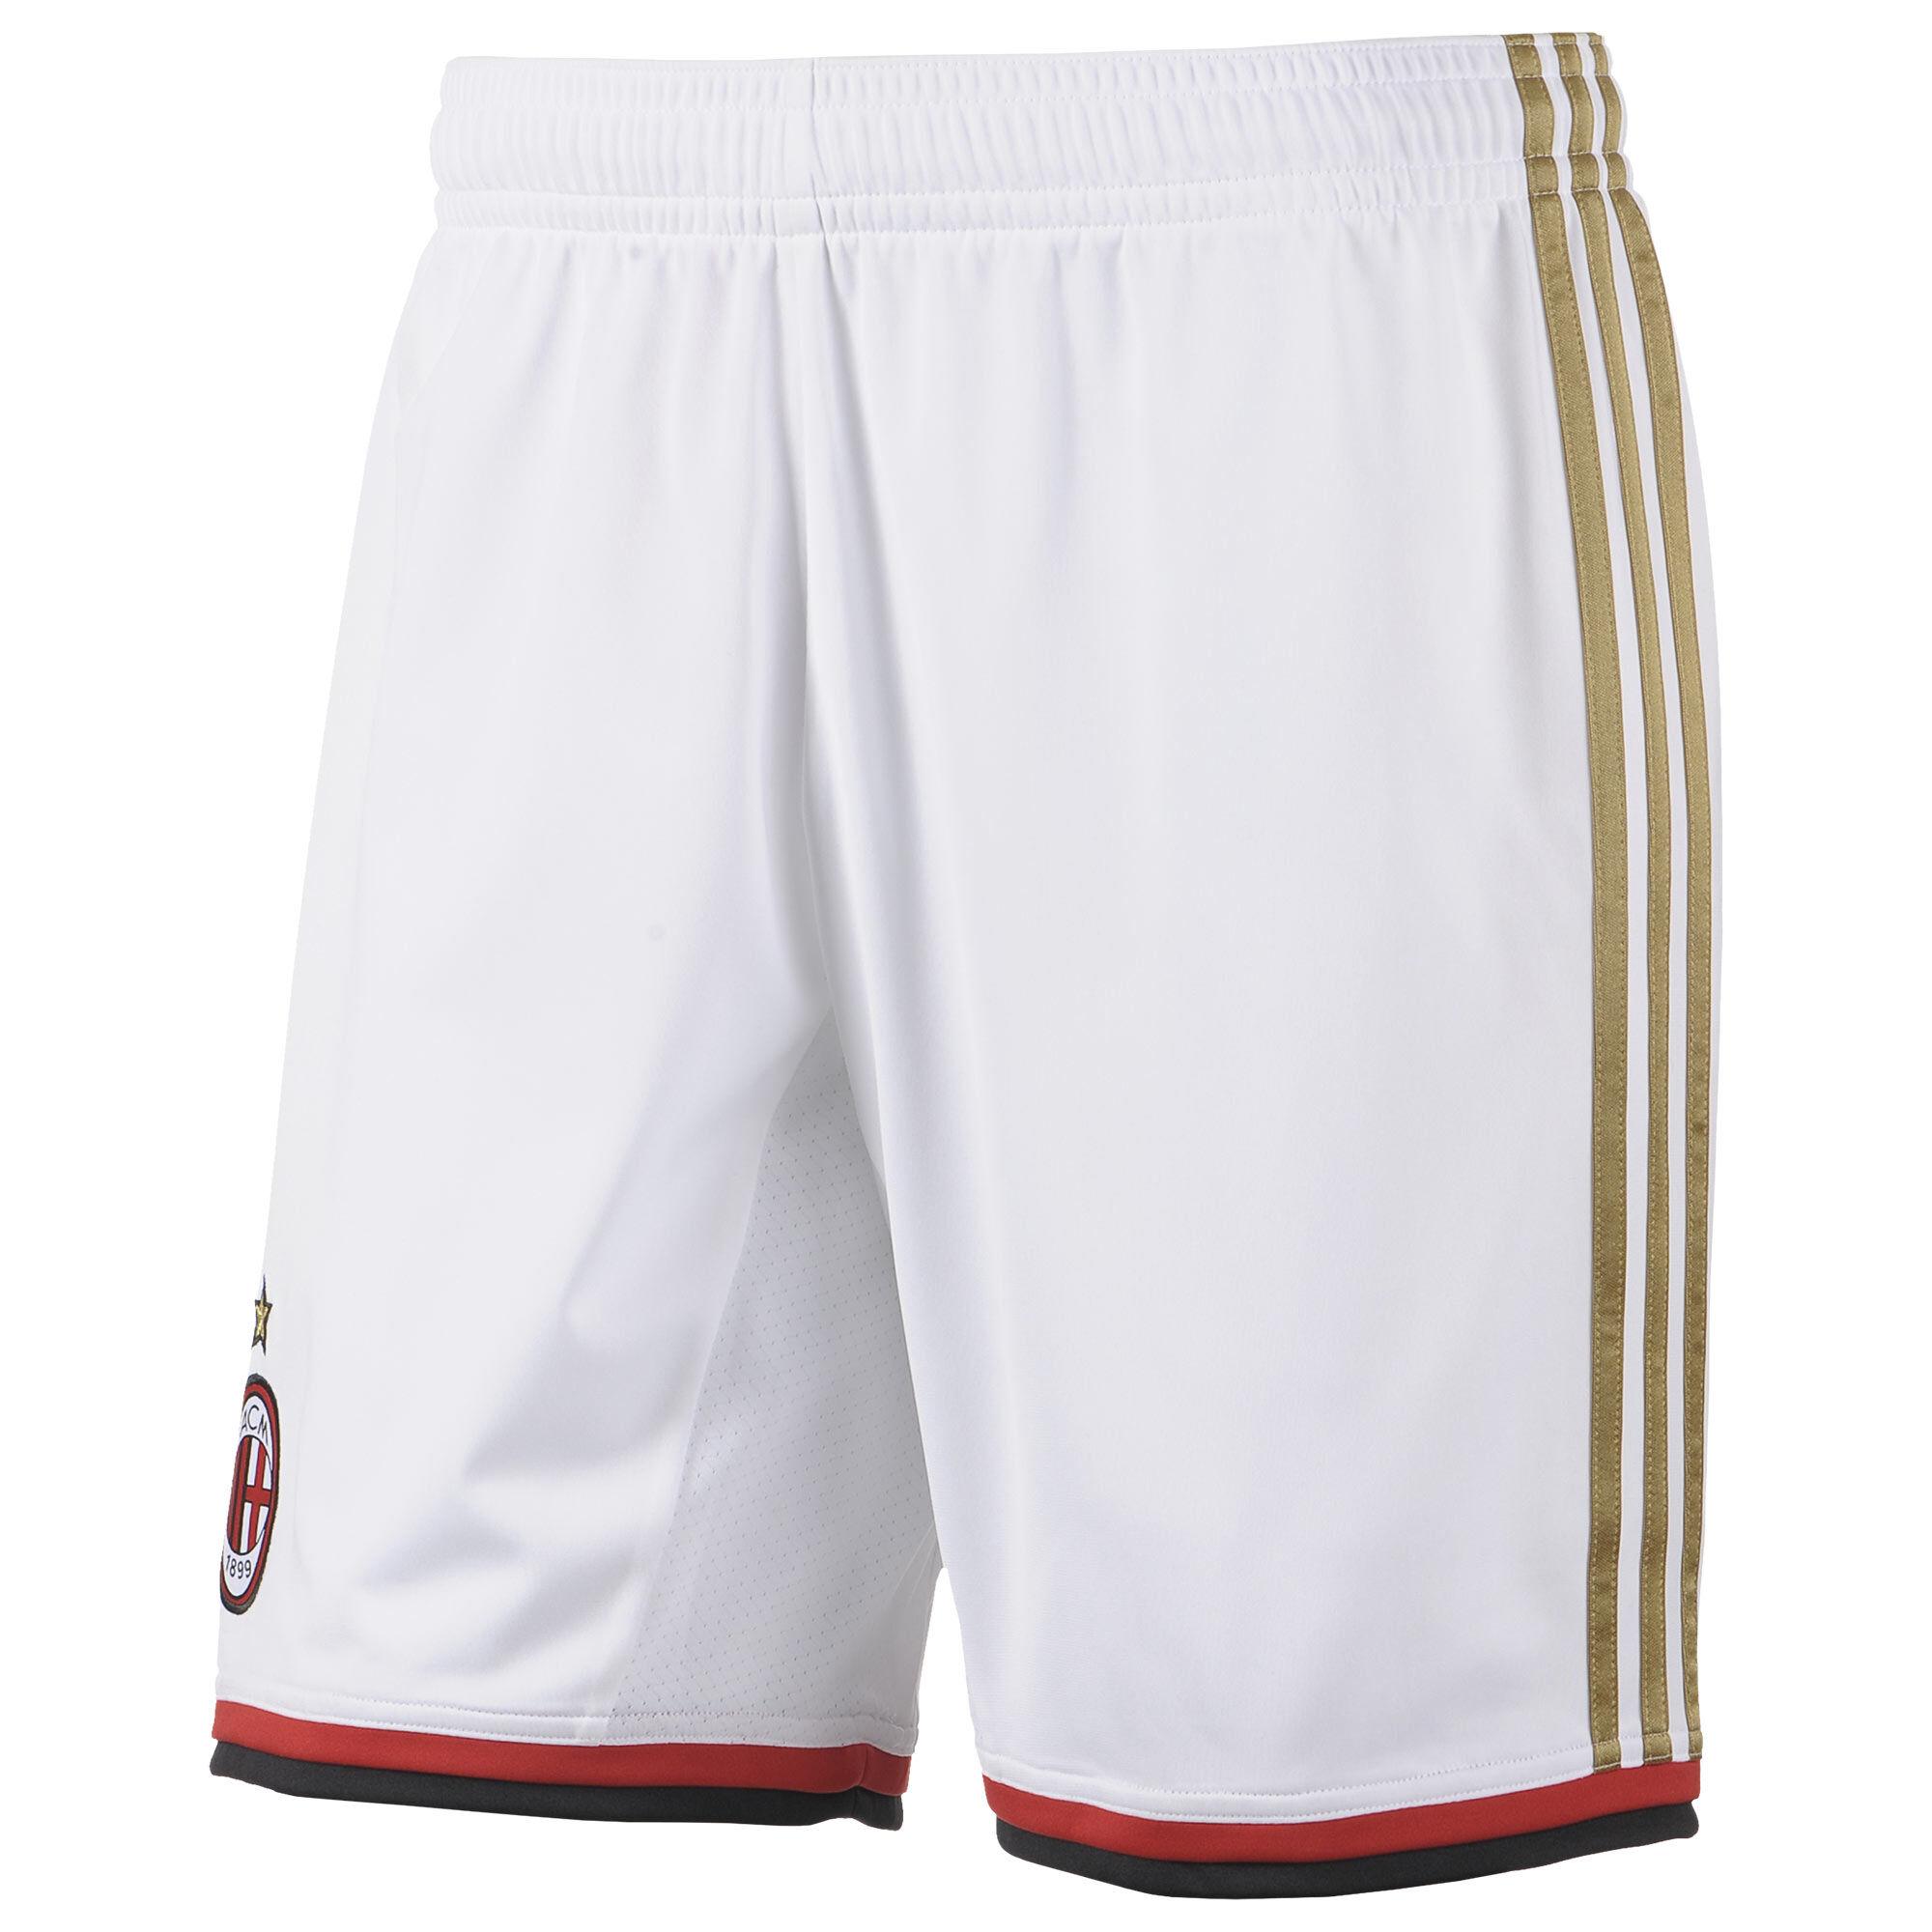 c7da422a9bba3 pantaloneta adidas